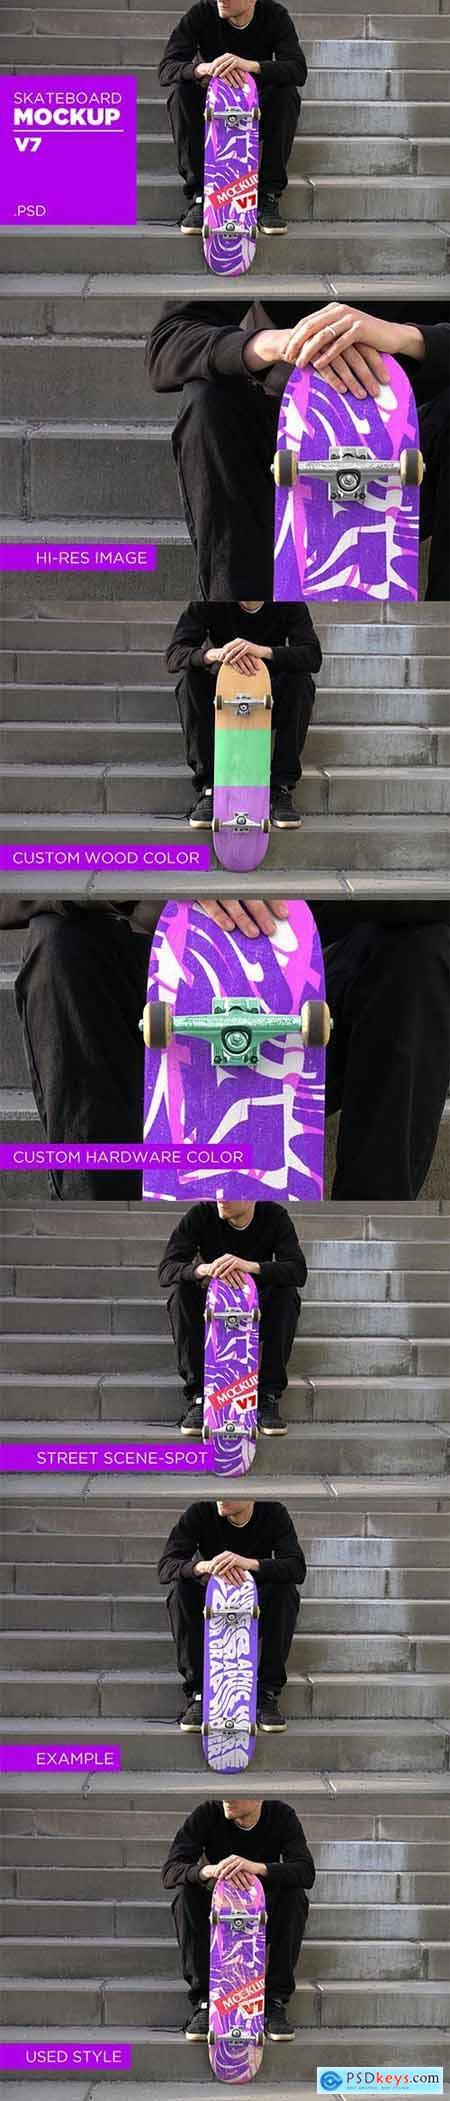 Skateboard Mockup V7 - PSD 5935931